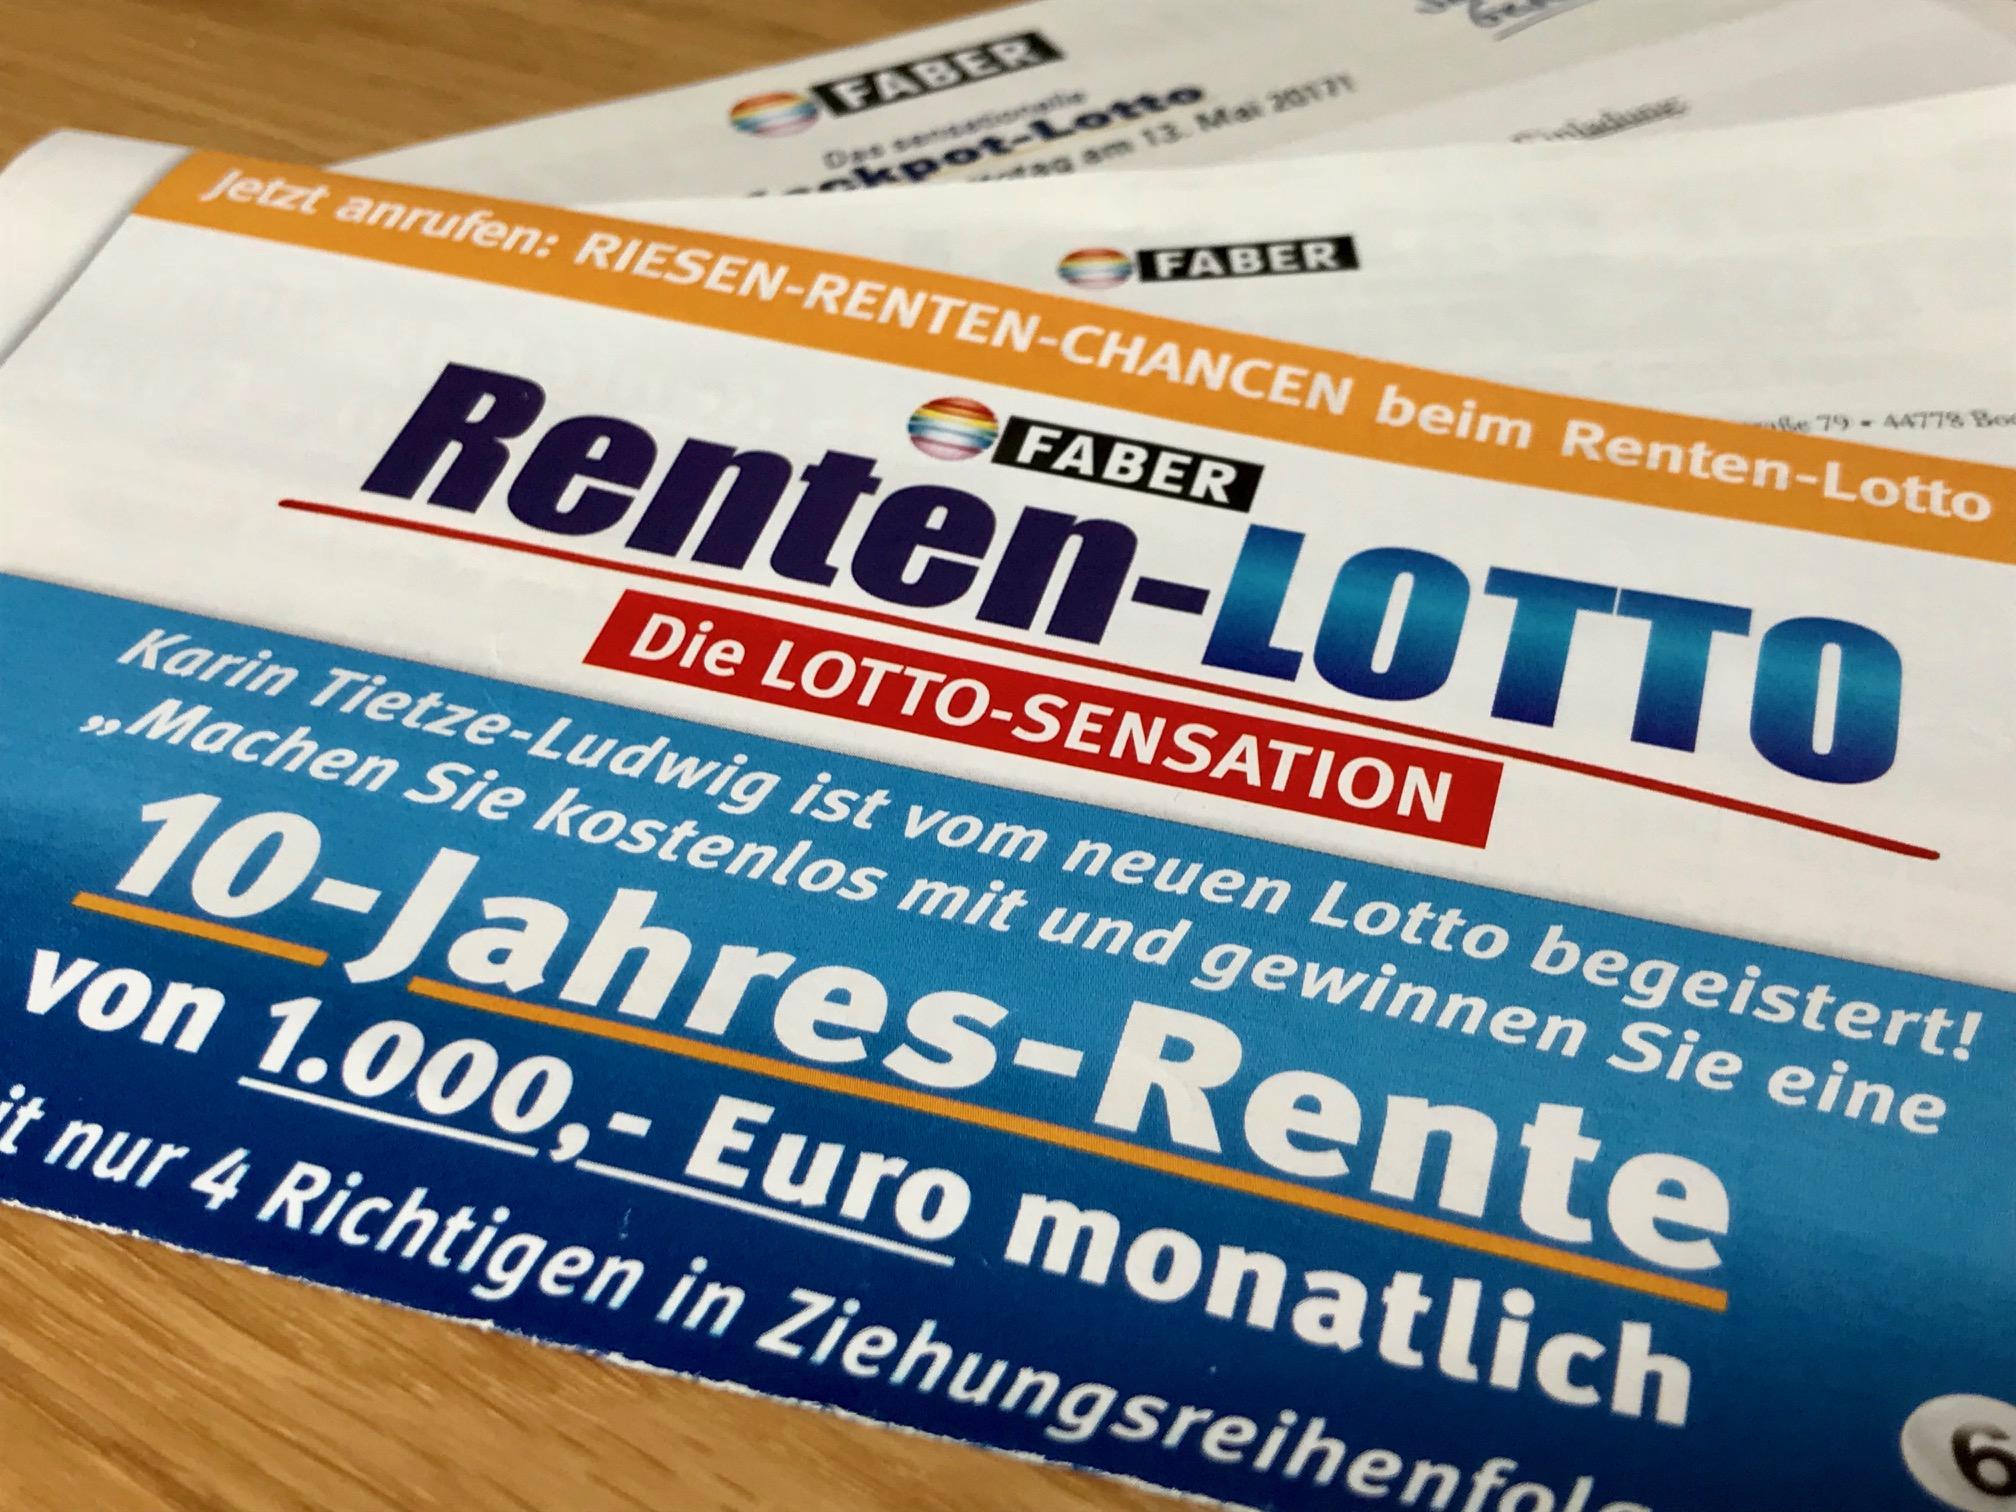 Faber Lotto Gewinne Erfahrungen